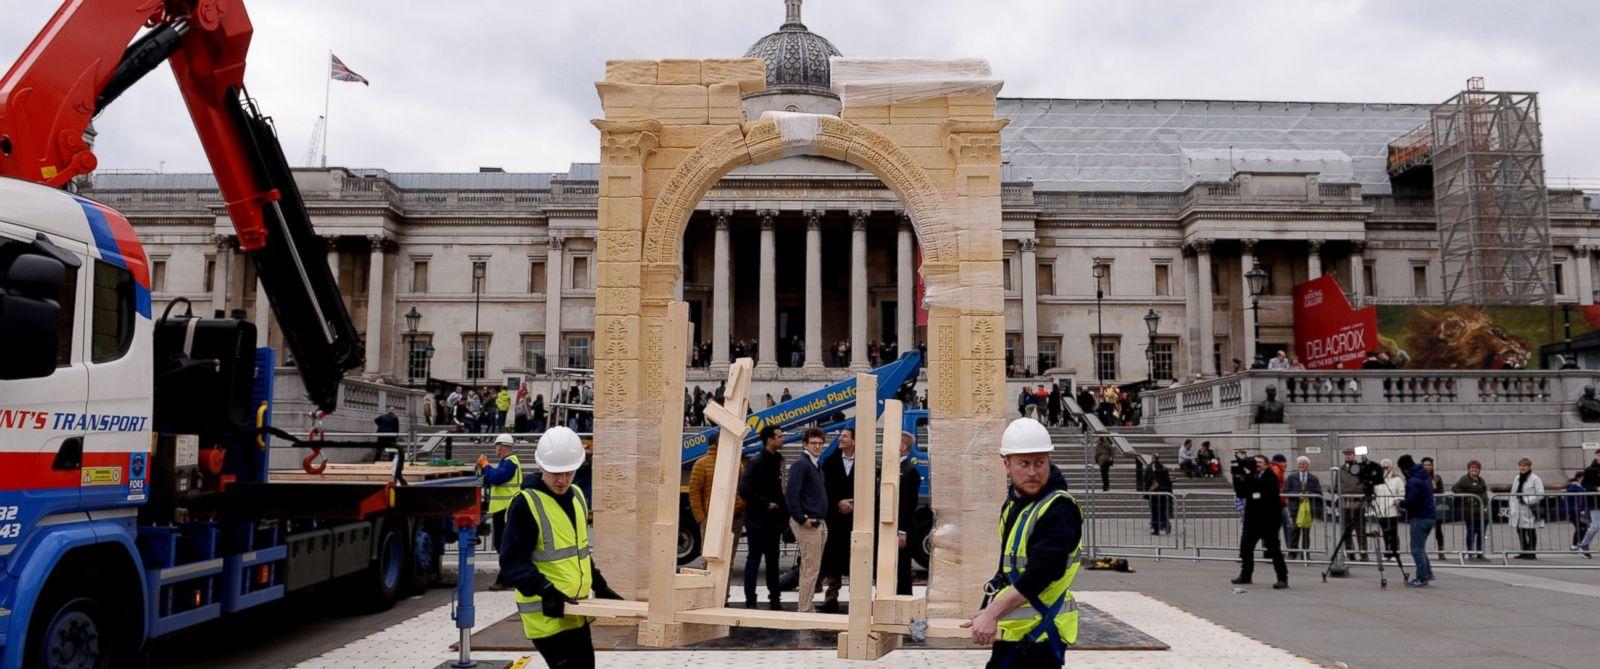 Arcul de triumf din Palmyra recreat în Londra